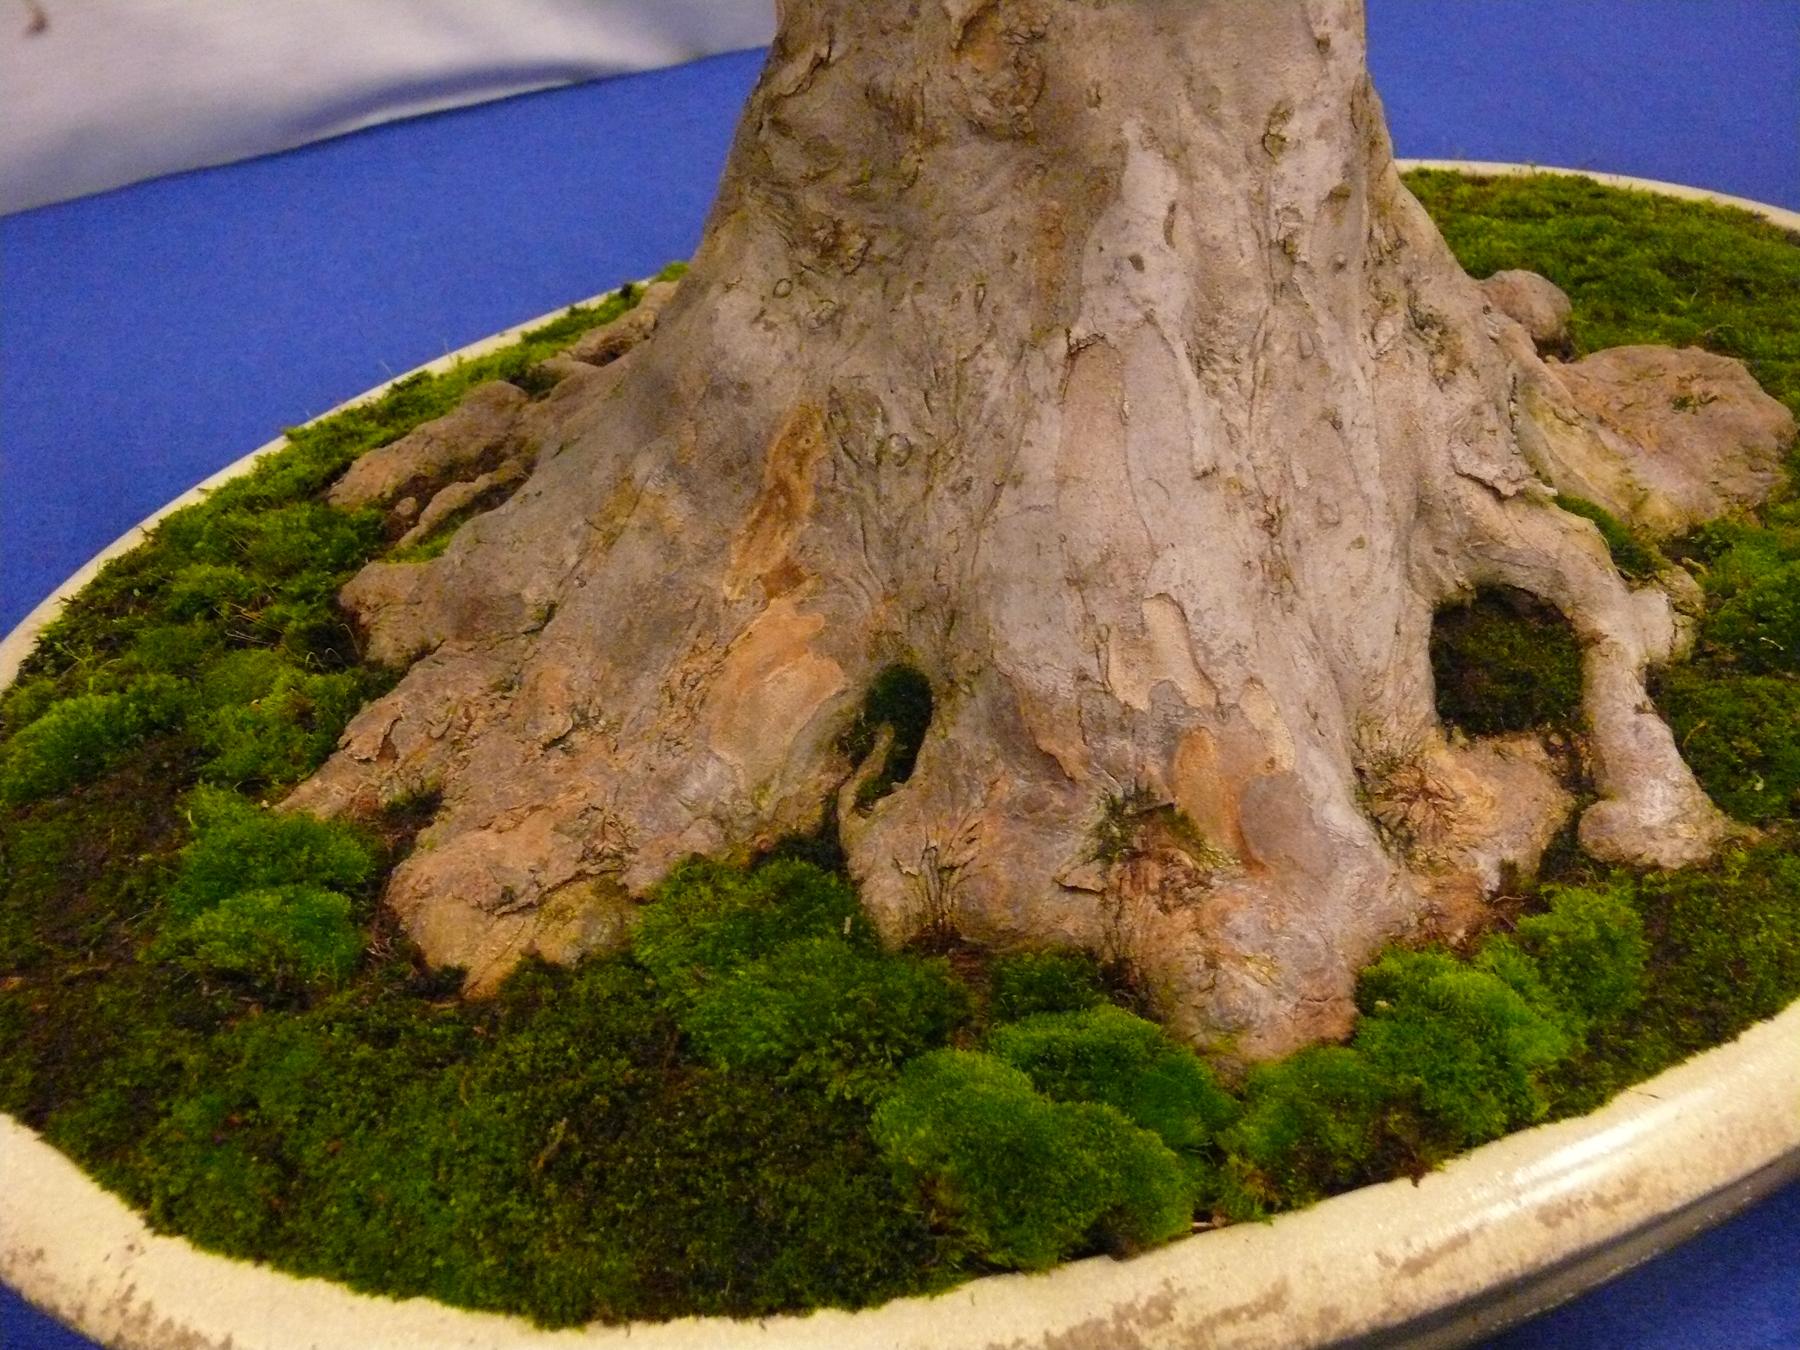 Plante pour mini jardin japonais id es - Plante pour jardin japonais ...